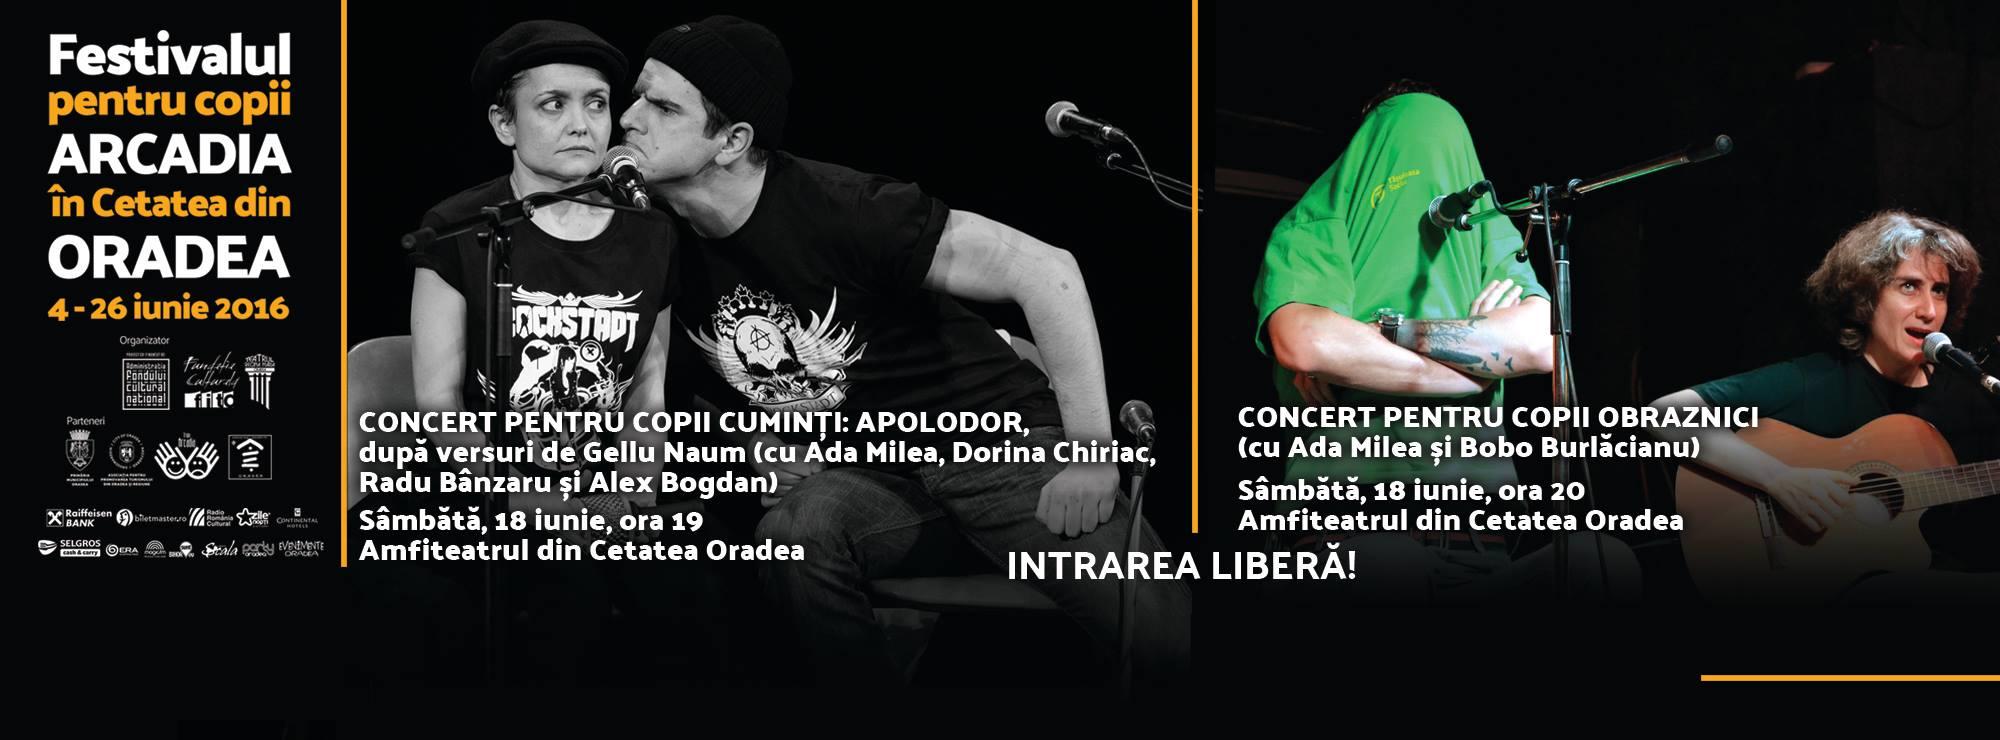 Concert pentru copii cuminți și pentru copii obraznici în Cetatea din Oradea